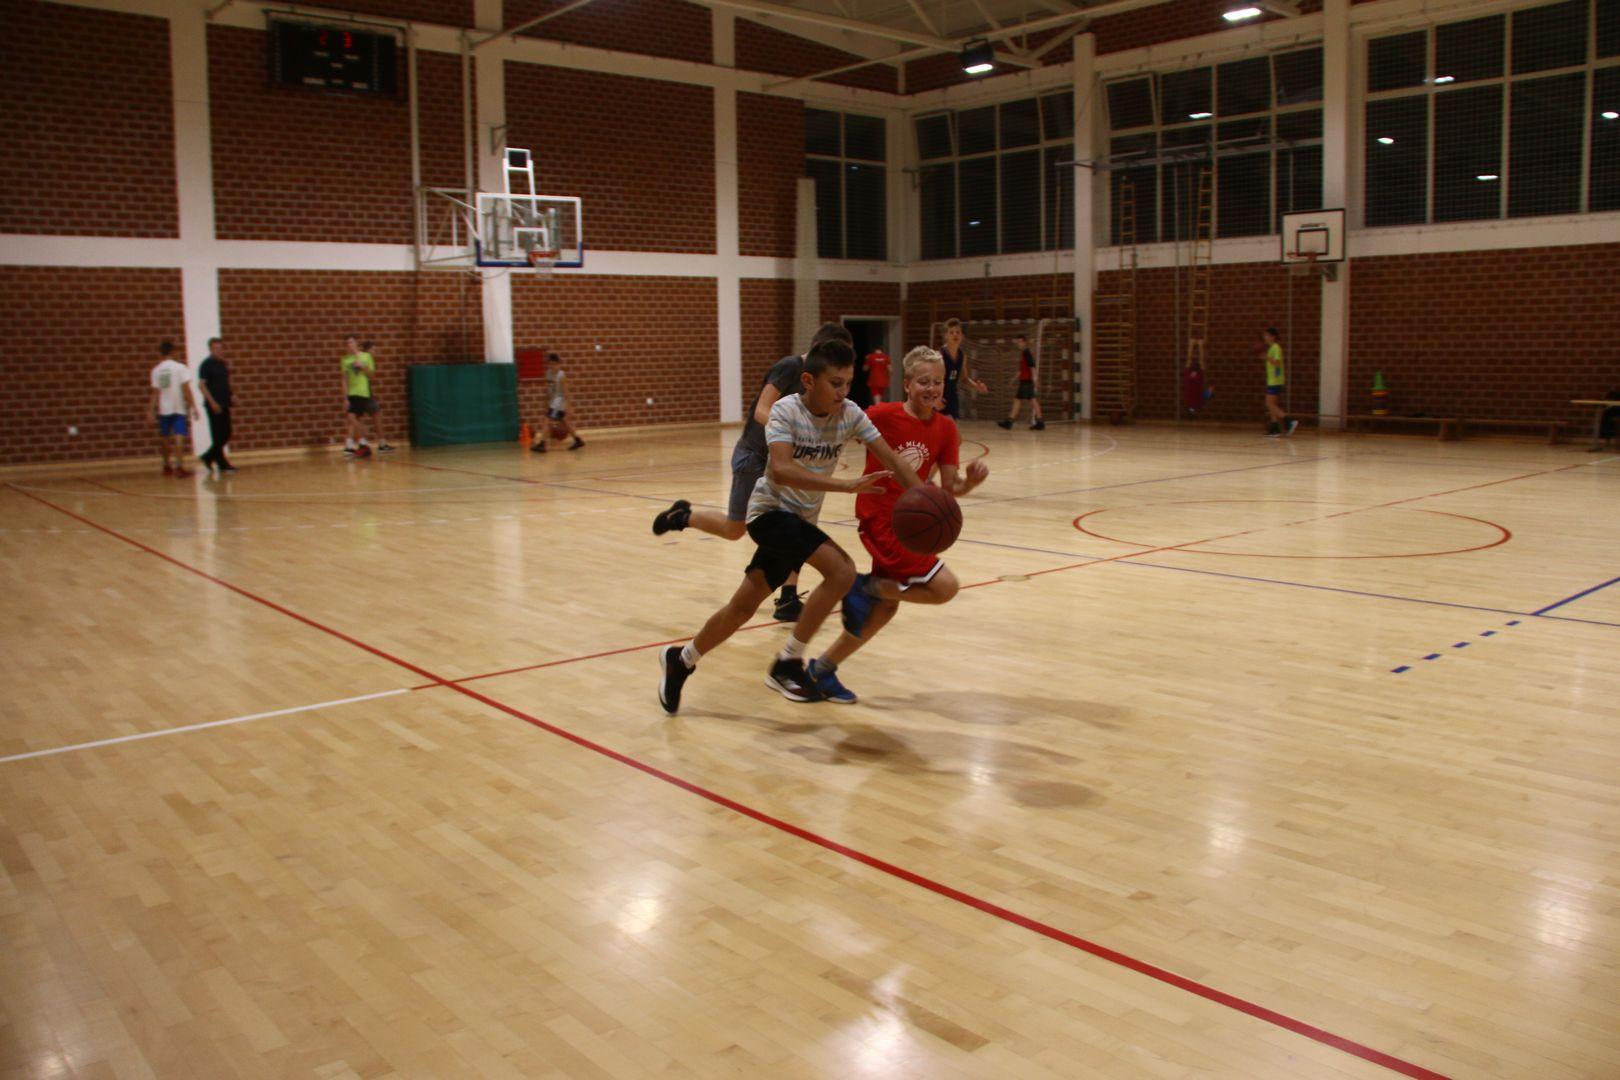 Mladi košarkaši Mladosti uvježbavali napad i kontranapad pod budnim okom trenera Tomrlina